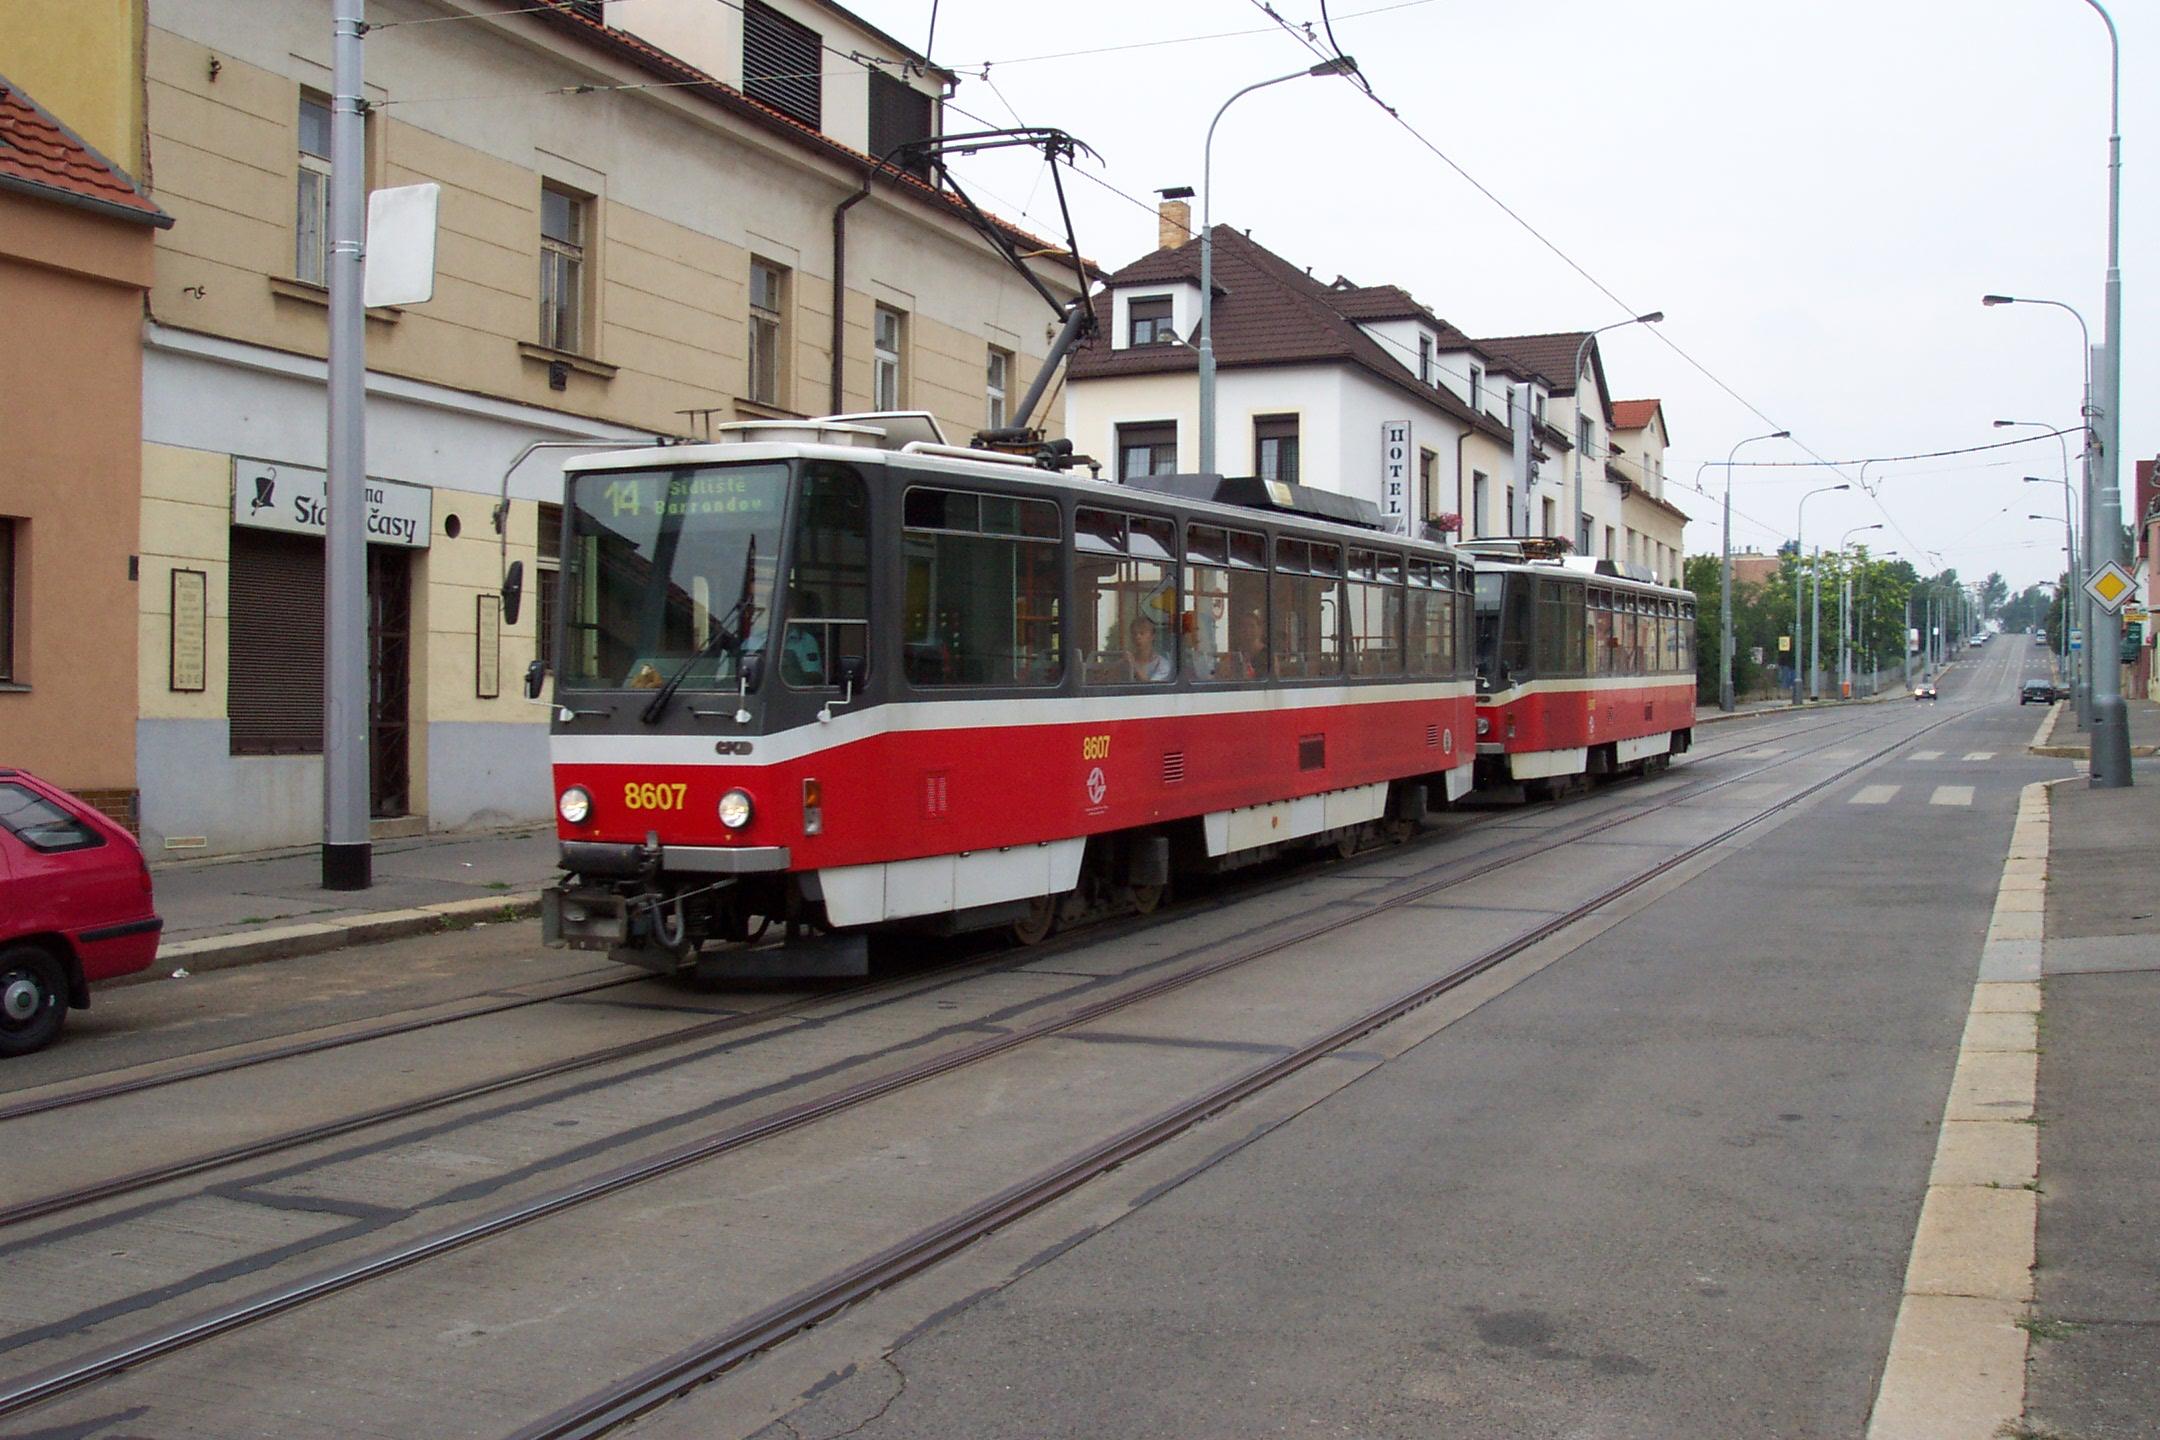 http://upload.wikimedia.org/wikipedia/commons/d/db/Praha%2C_Kobylisy%2C_Tramvaj_T6A5.JPG